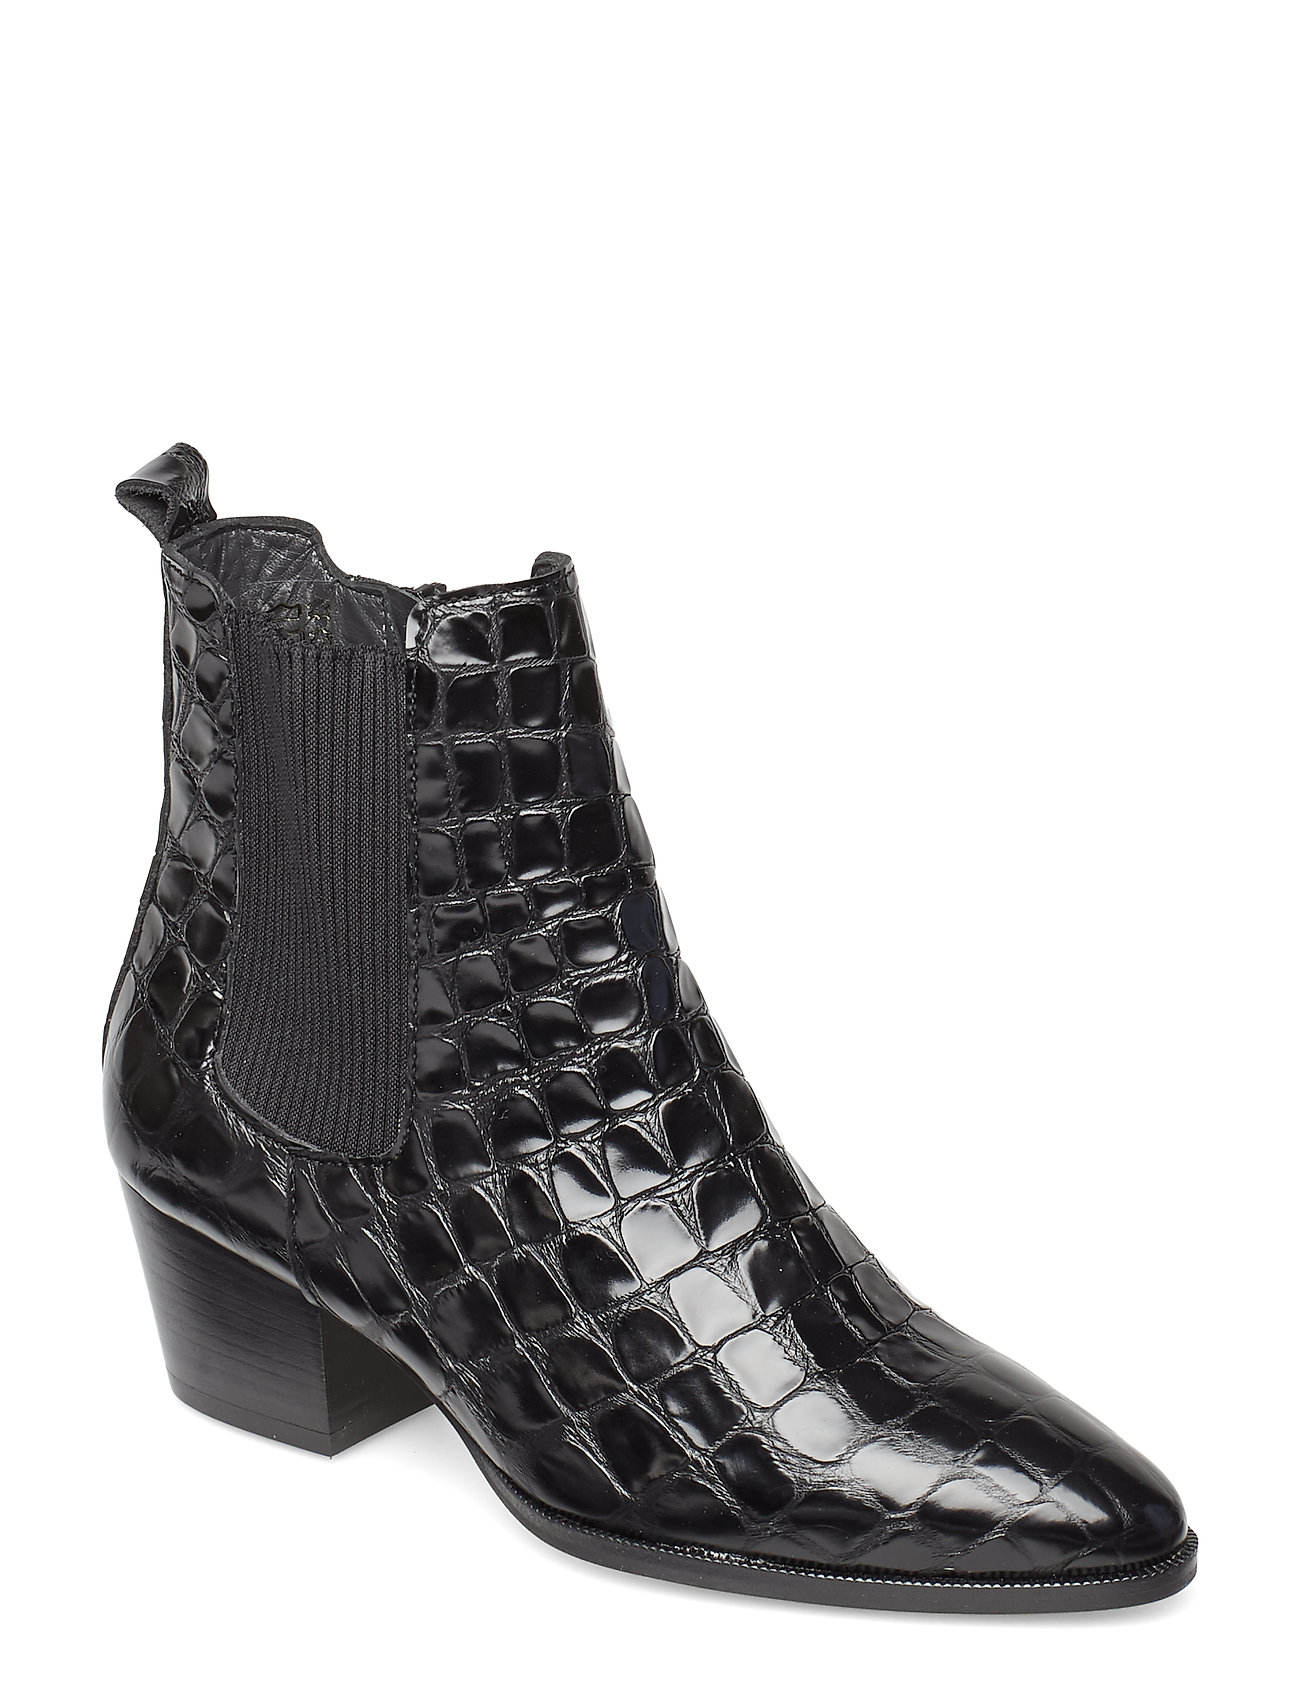 Image of Booties - Block Heel - With Elas Shoes Boots Ankle Boots Ankle Boots With Heel Sort ANGULUS (3199926921)